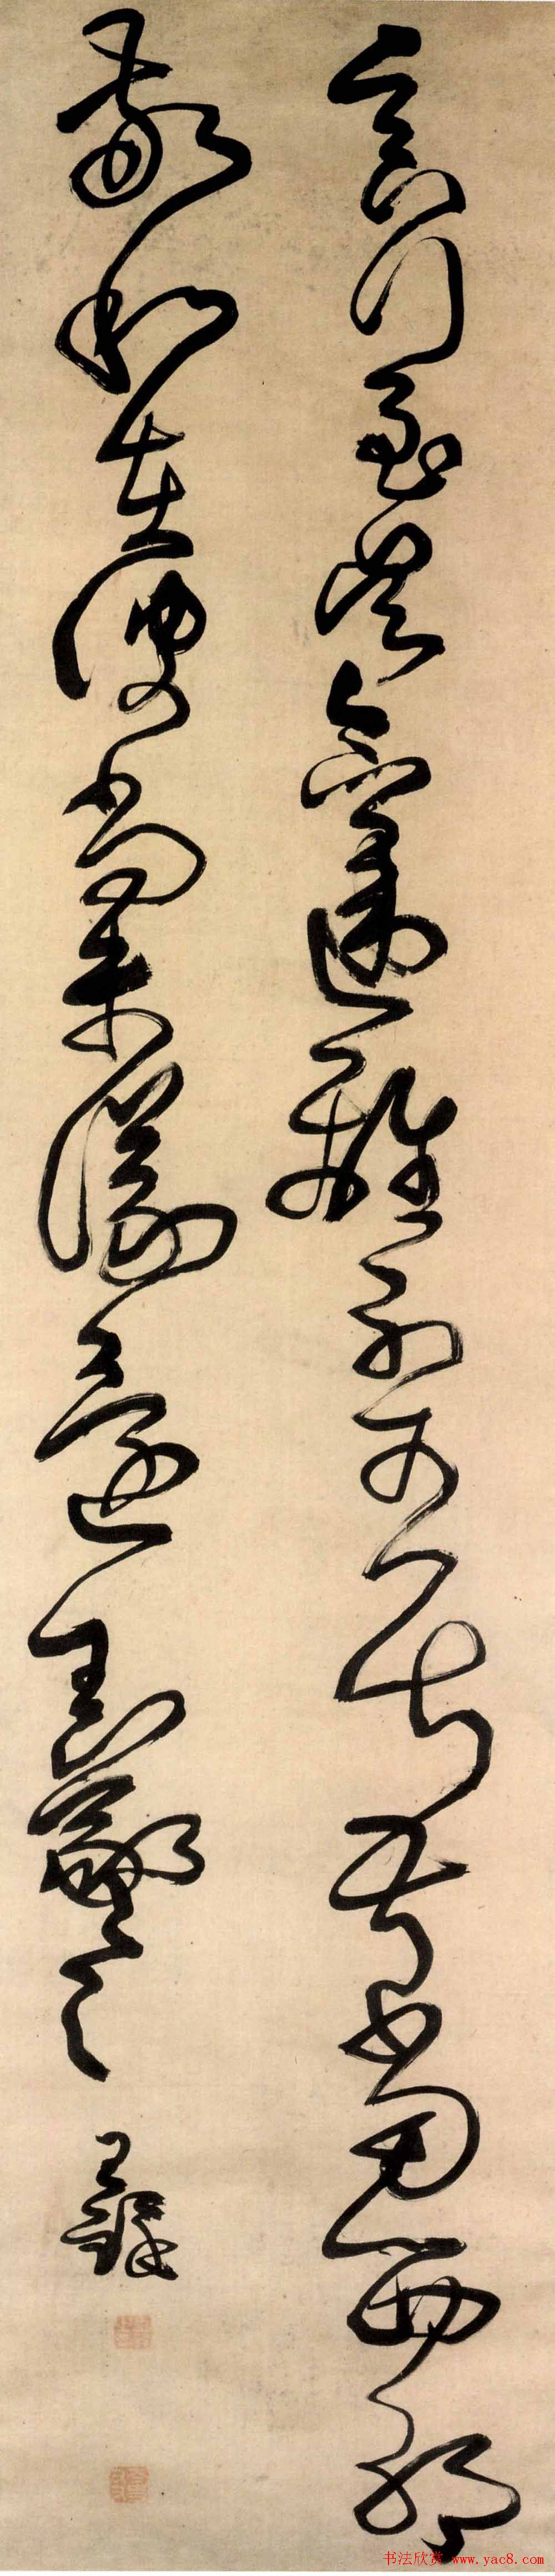 王铎草书欣赏临王羲之帖轴五幅